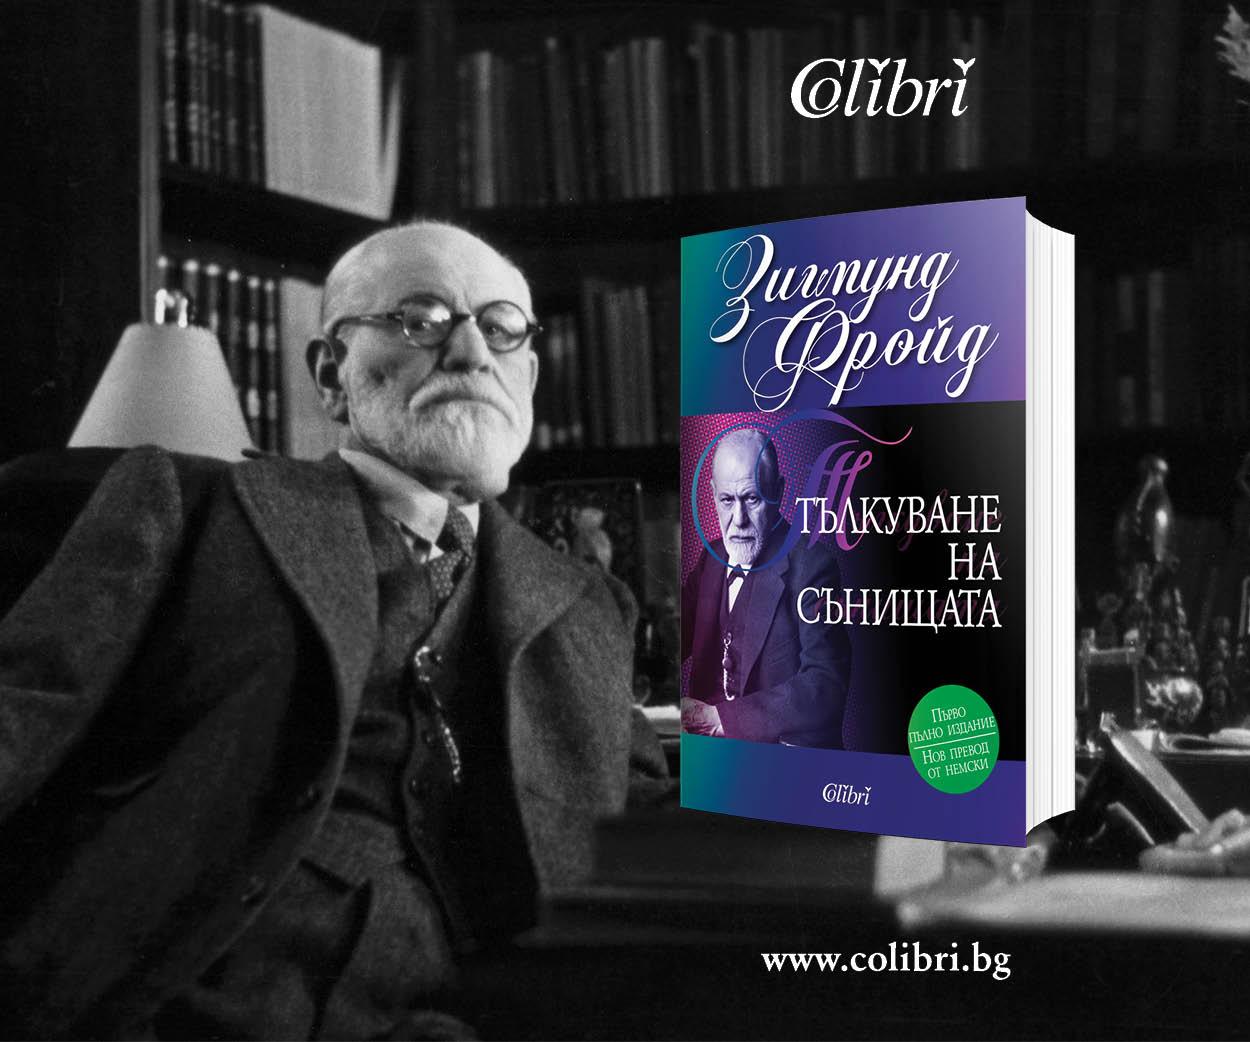 Тълкуване на сънищата Зигмунд Фройд